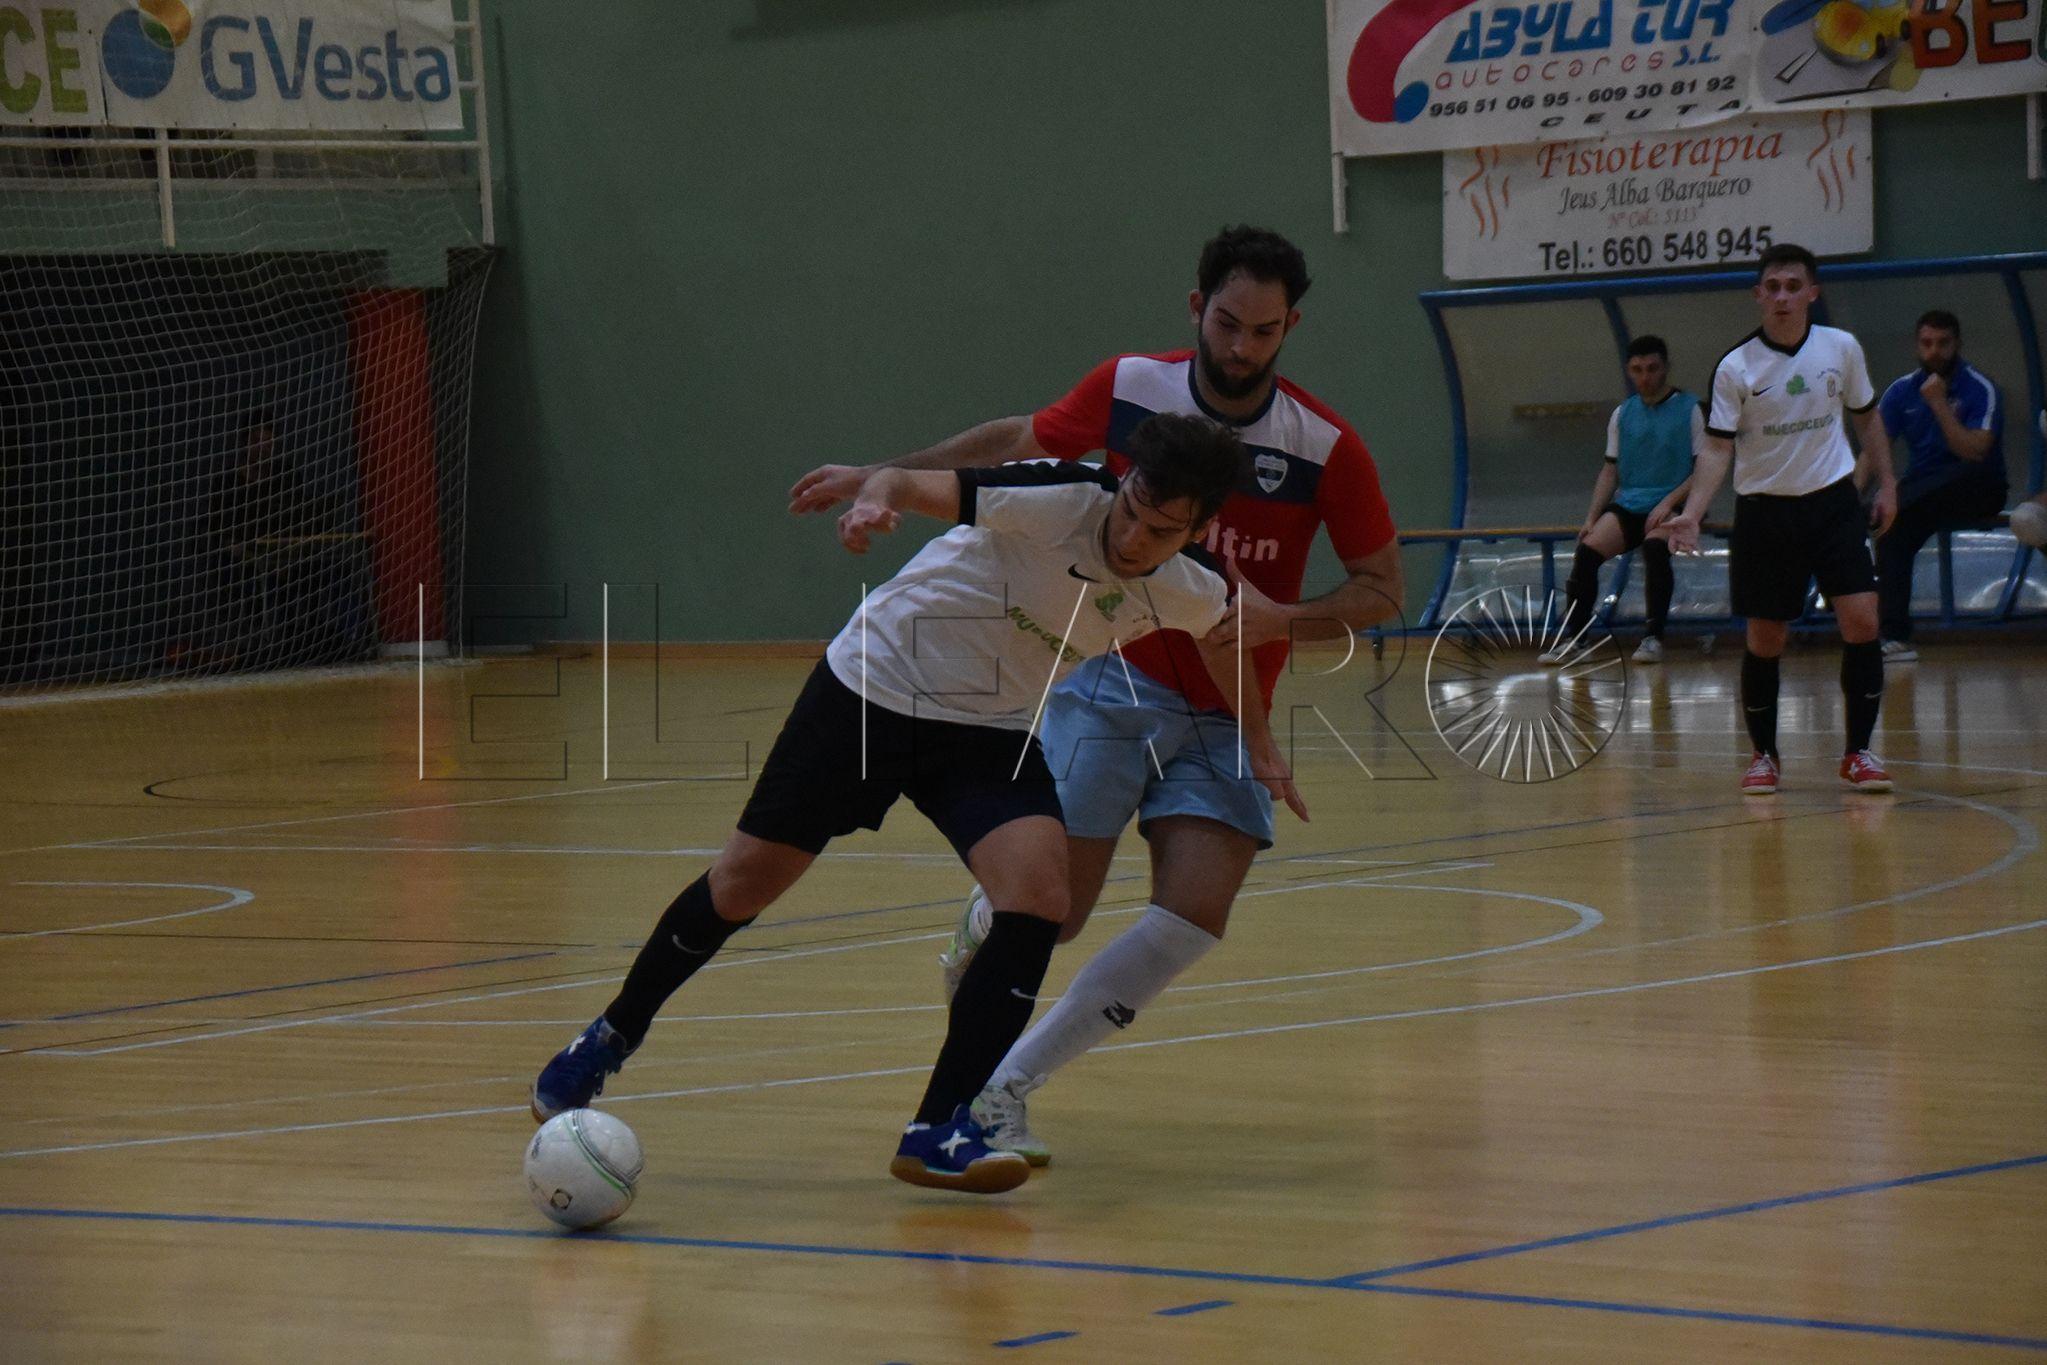 El UA Ceutí inicia la Liga en casa ante el Peligros FS